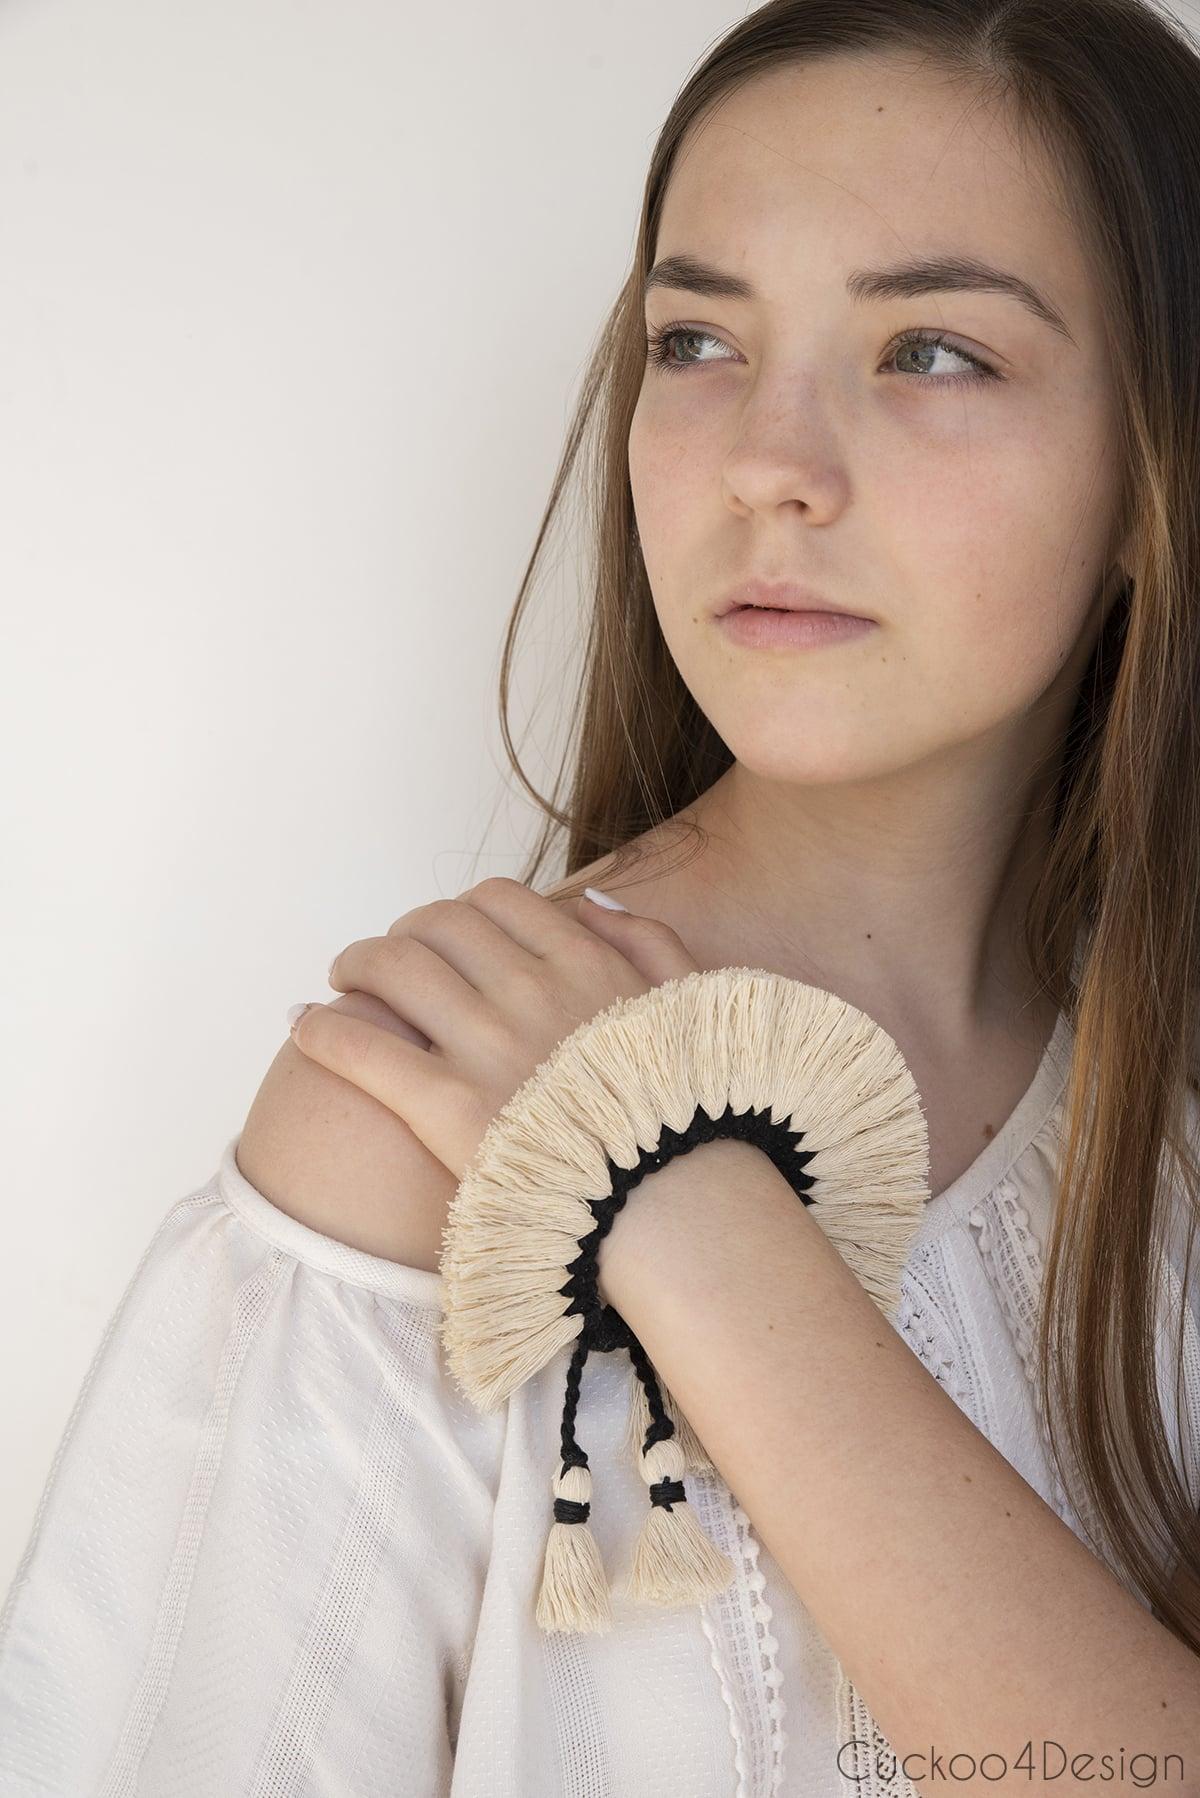 girl modeling knot bracelet